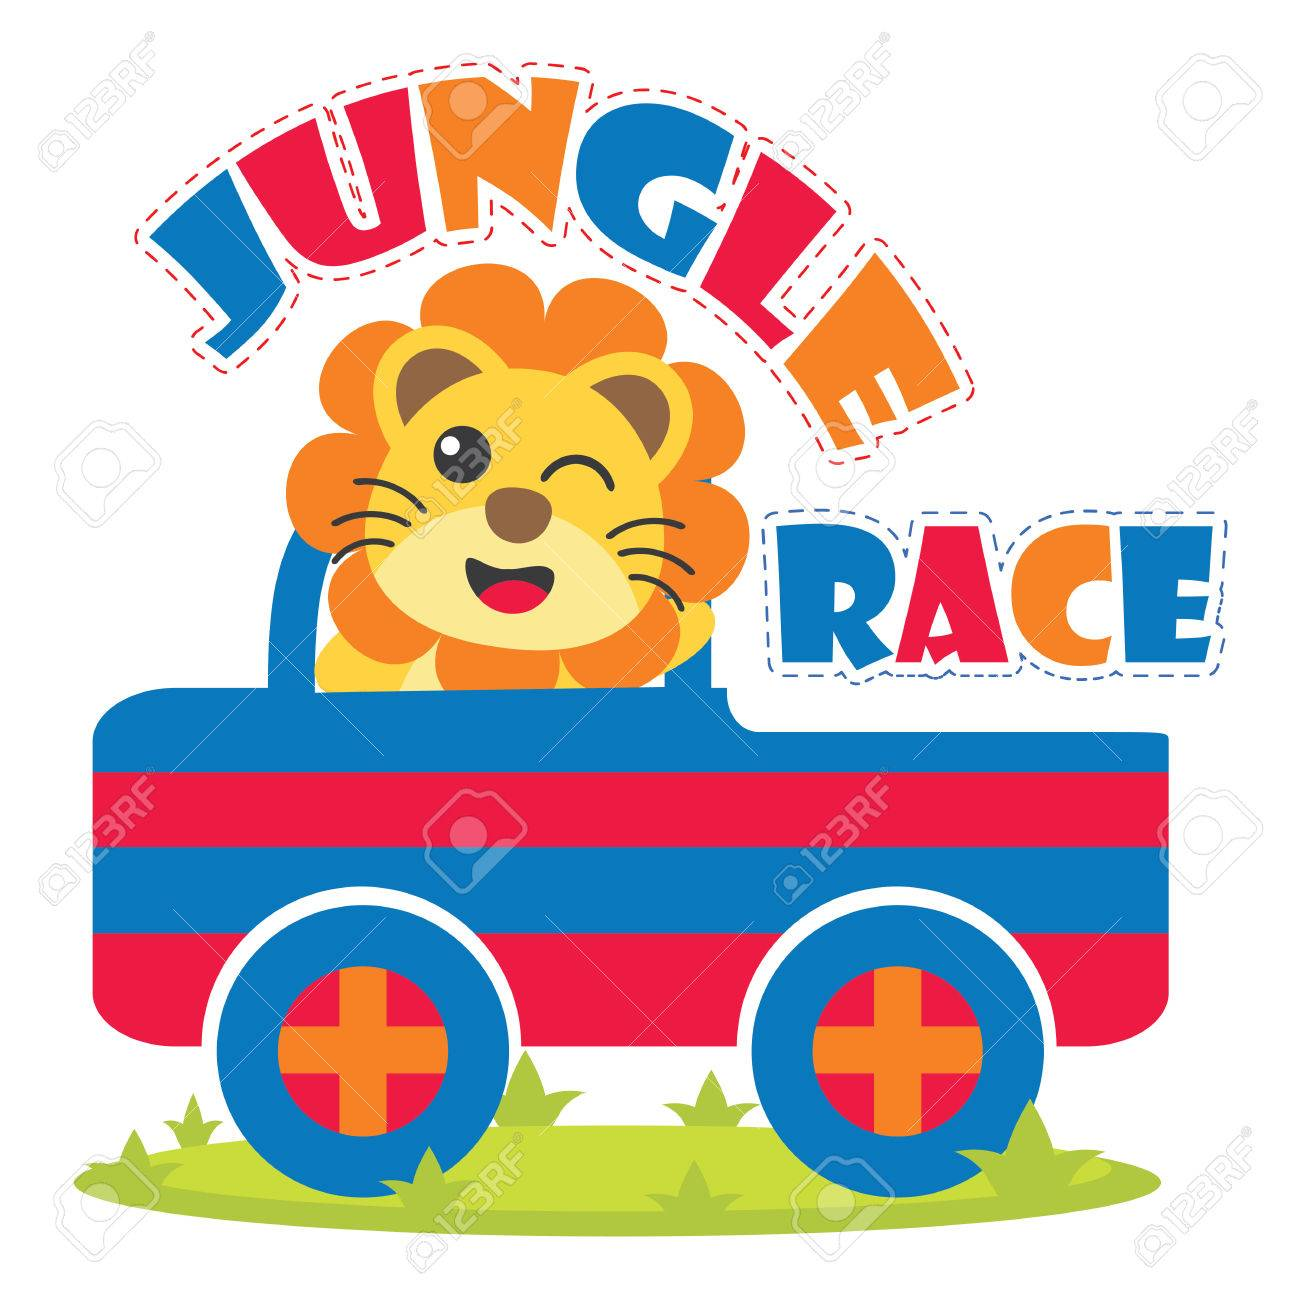 かわいいライオンは子供の t シャツのデザイン、保育園の壁と壁紙の